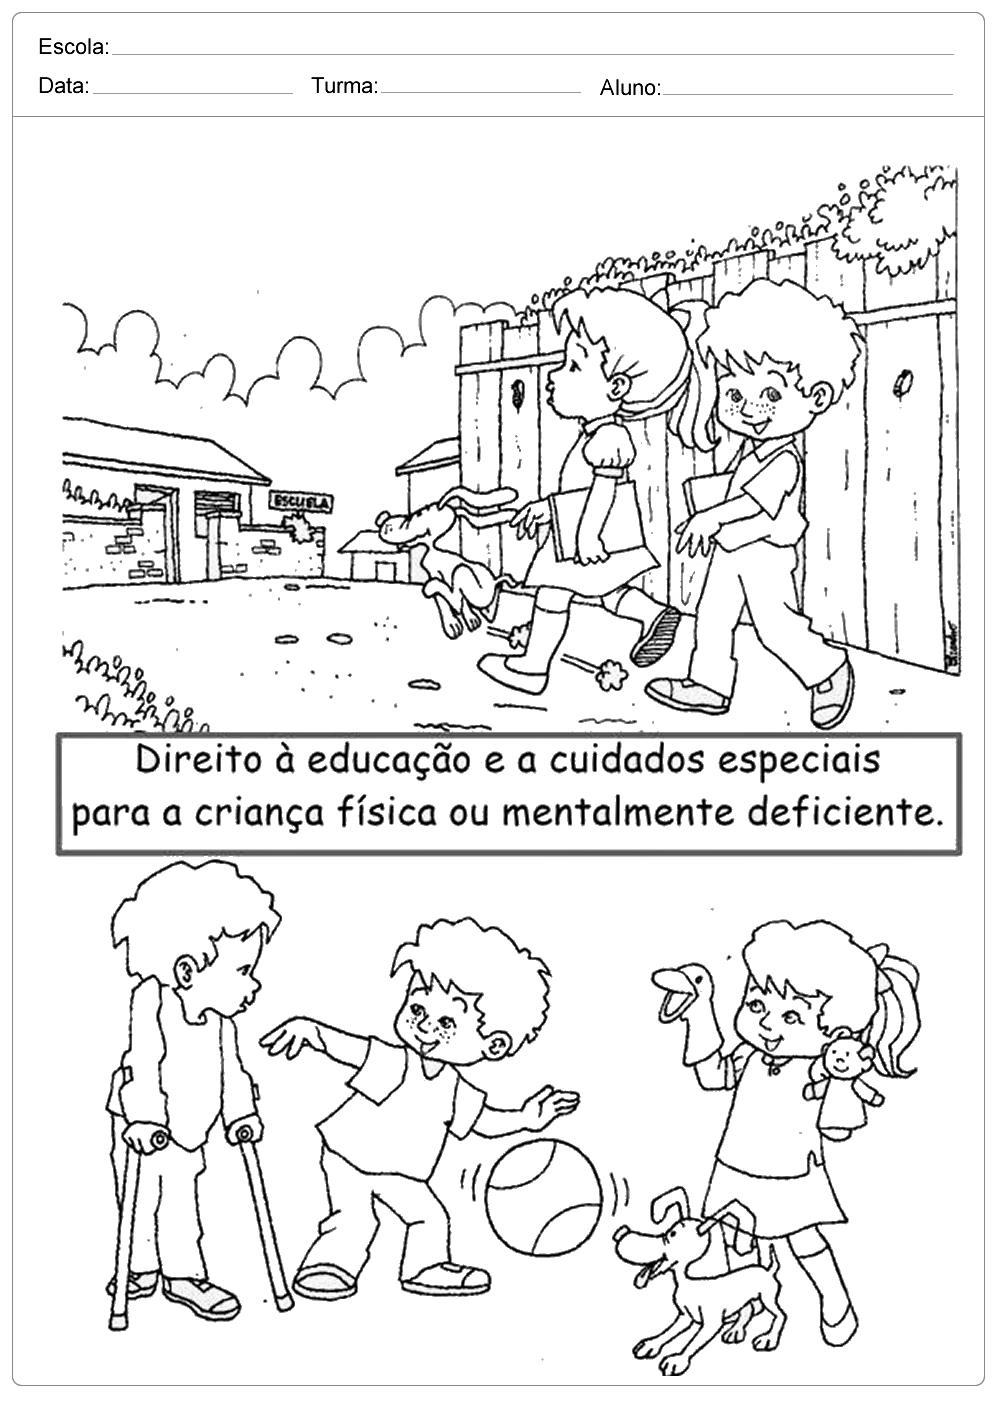 Direito a Educação da Criança